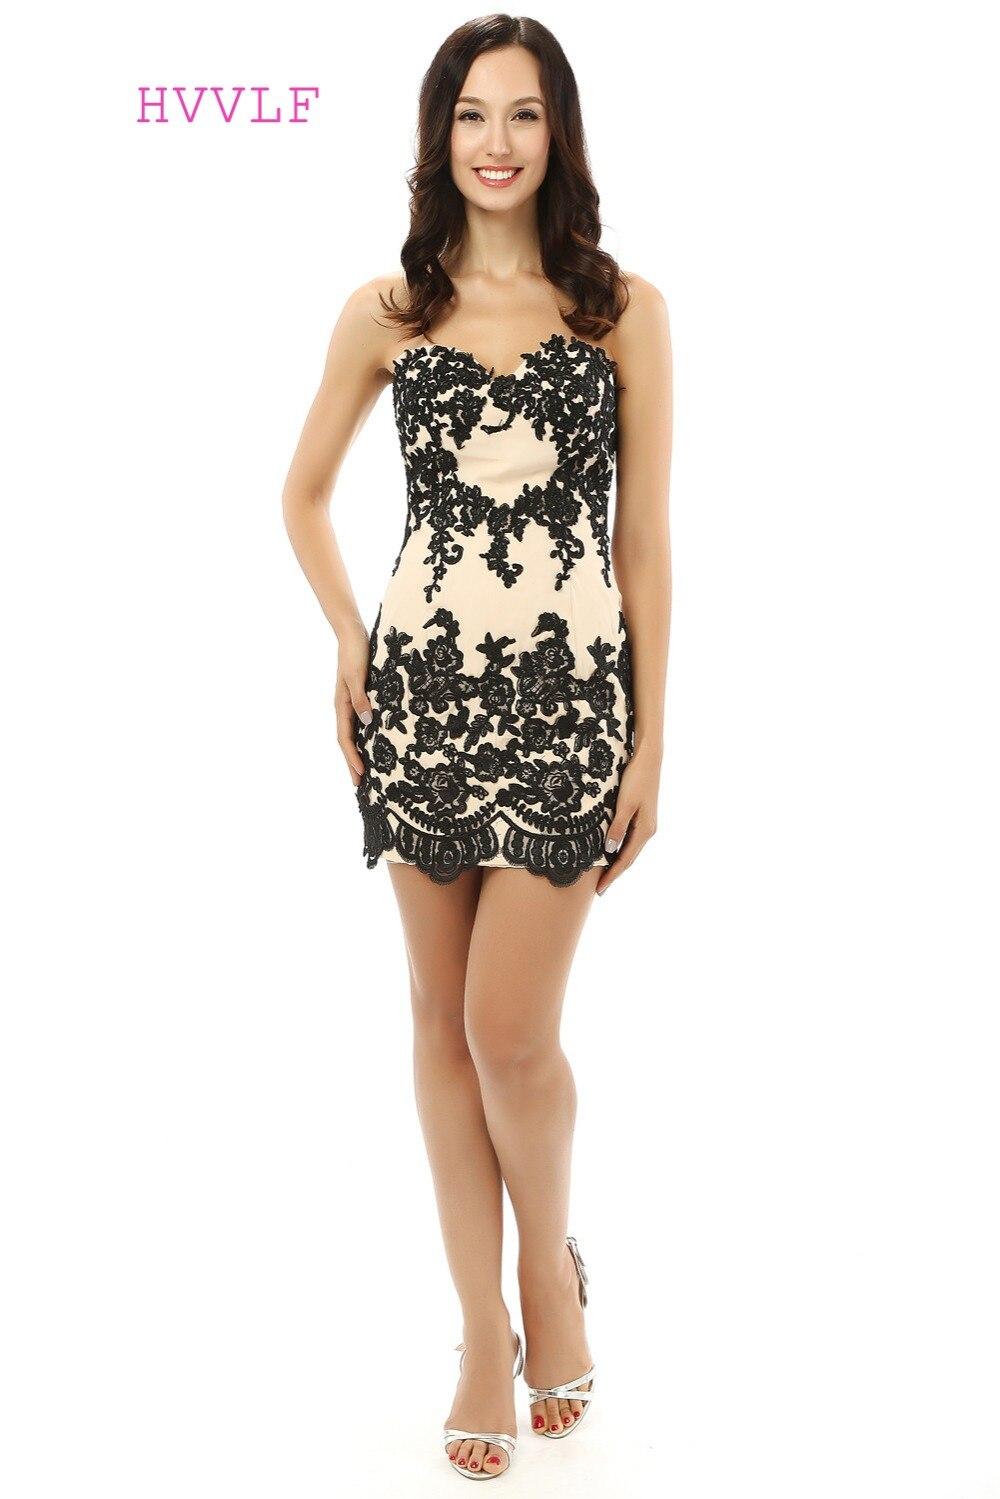 Black Elegant Cocktail Dresses Sheath Sweetheart Satin Appliques Lace Short Mini Homecoming Dresses 2019